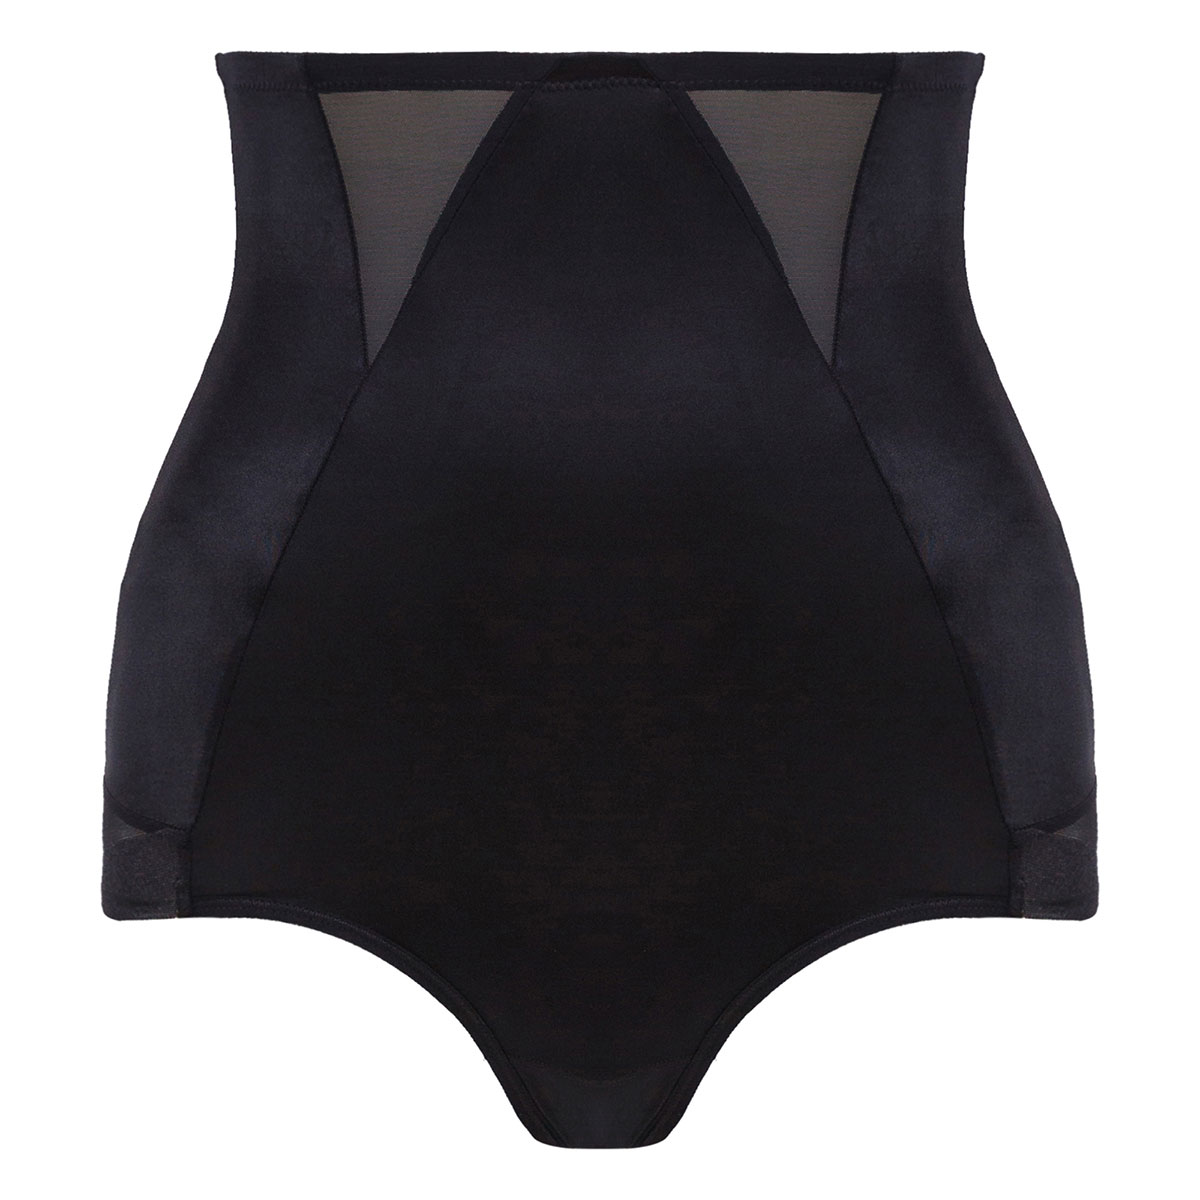 Guaina contenitiva vita alta nera - Perfect Silhouette, , PLAYTEX